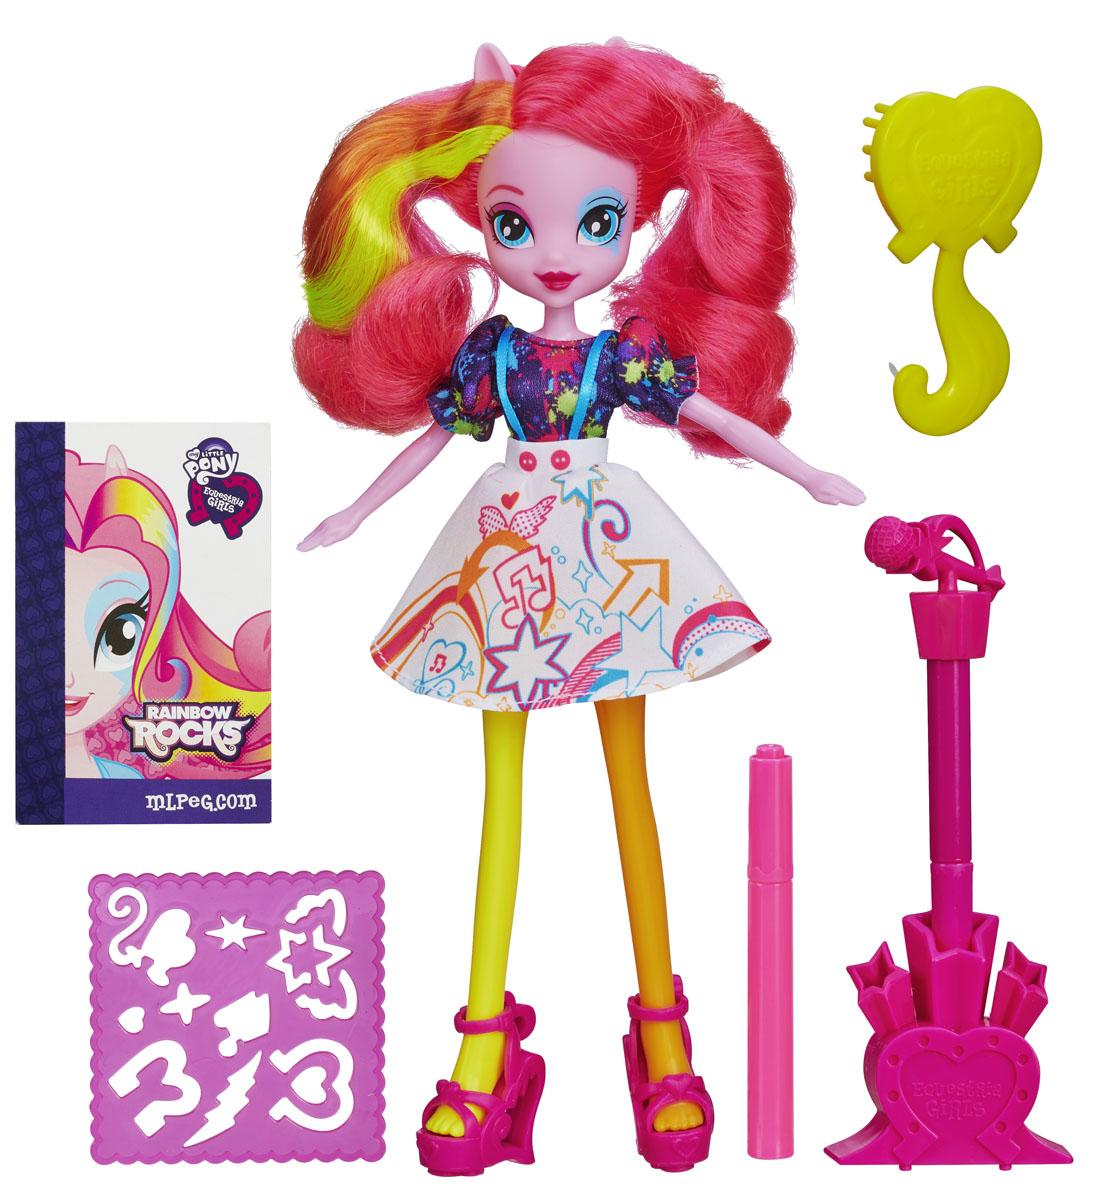 My Little Pony Кукла Пинки ПайB0688_A3995_SolidВосхитительная кукла My Little Pony Пинки Пай из мультфильма Equestria Girls непременно понравится вашей маленькой поклоннице My Little Pony. Куколка с длинными розовыми волосами с цветными прядками выглядит как настоящая рок-звезда. Она одета в яркое стильное платье, на ногах - розовые босоножки на высоком каблуке. Голова, руки и ноги куколки подвижны, что позволит придавать ей различные позы. В комплект также входят расческа, два фломастера, подставка под один из фломастеров с насадкой в виде микрофона и пластиковый трафарет для создания различных рисунков. Малышка сможет раскрасить платье Диджей Пони-3 по своему вкусу. Порадуйте своего ребенка таким замечательным подарком!